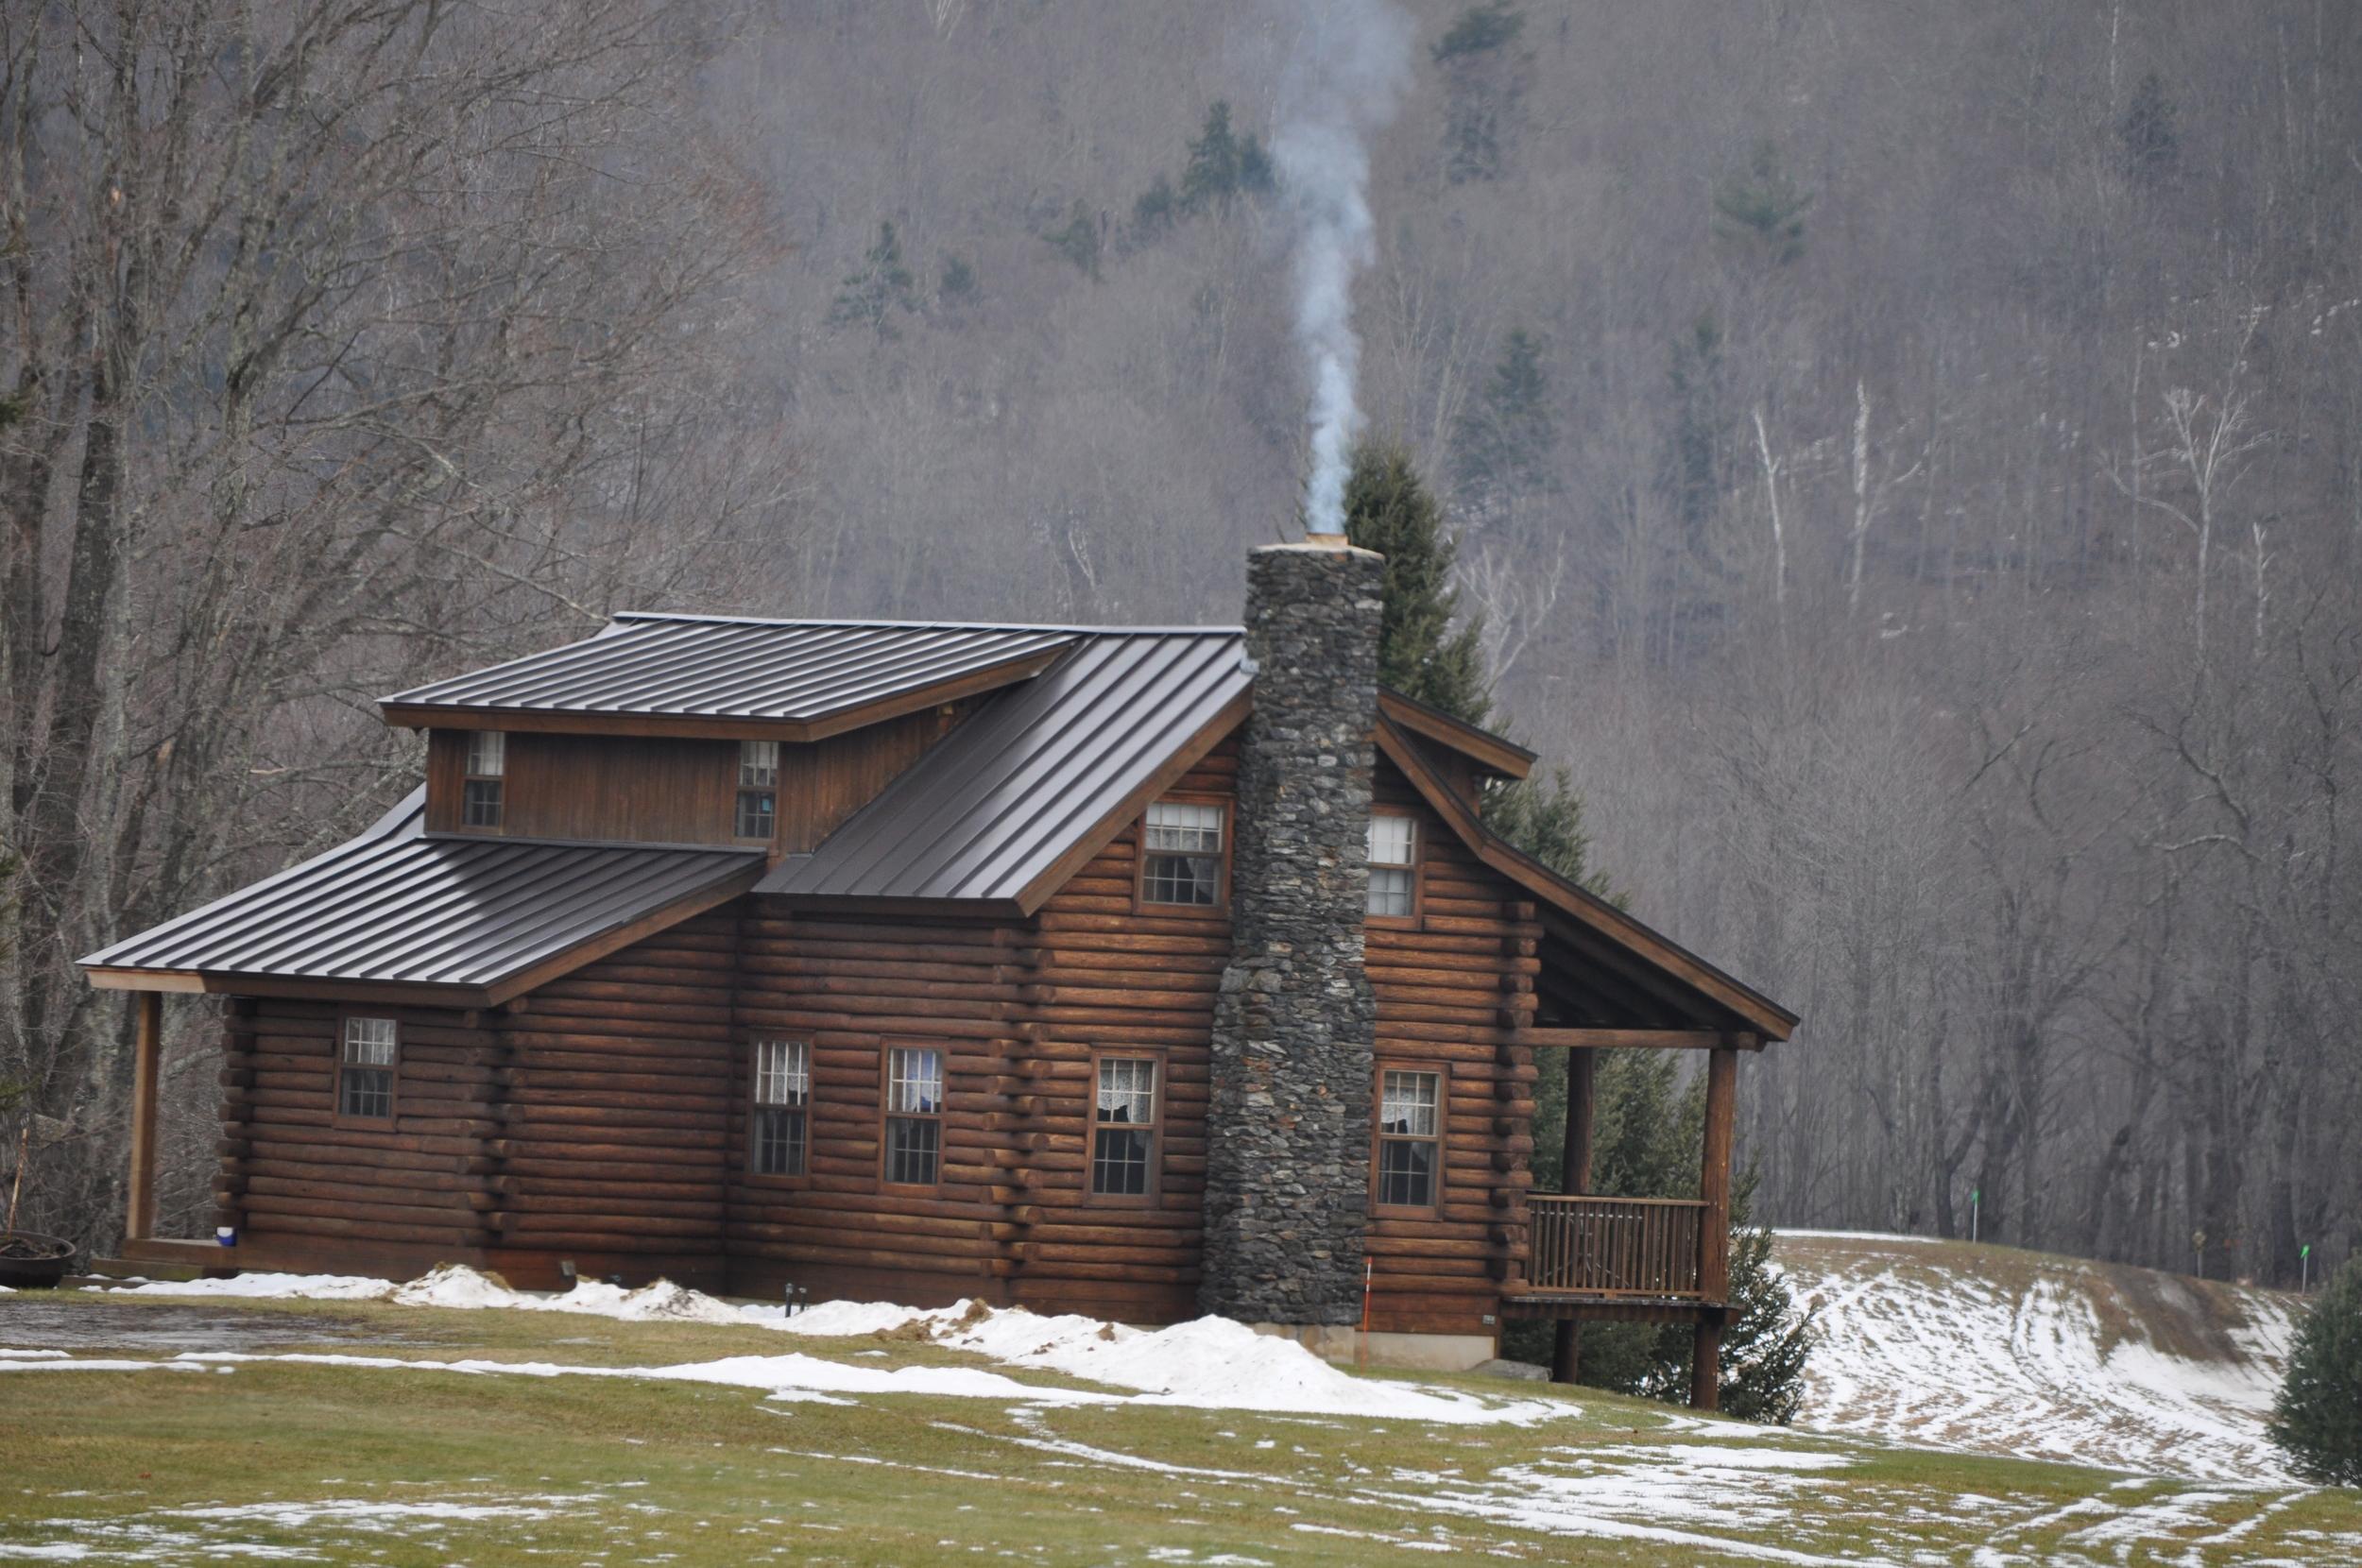 La cabaña de grotescos troncos redondos con el humo escapando de la chimenea. Foto: Pamy Rojas